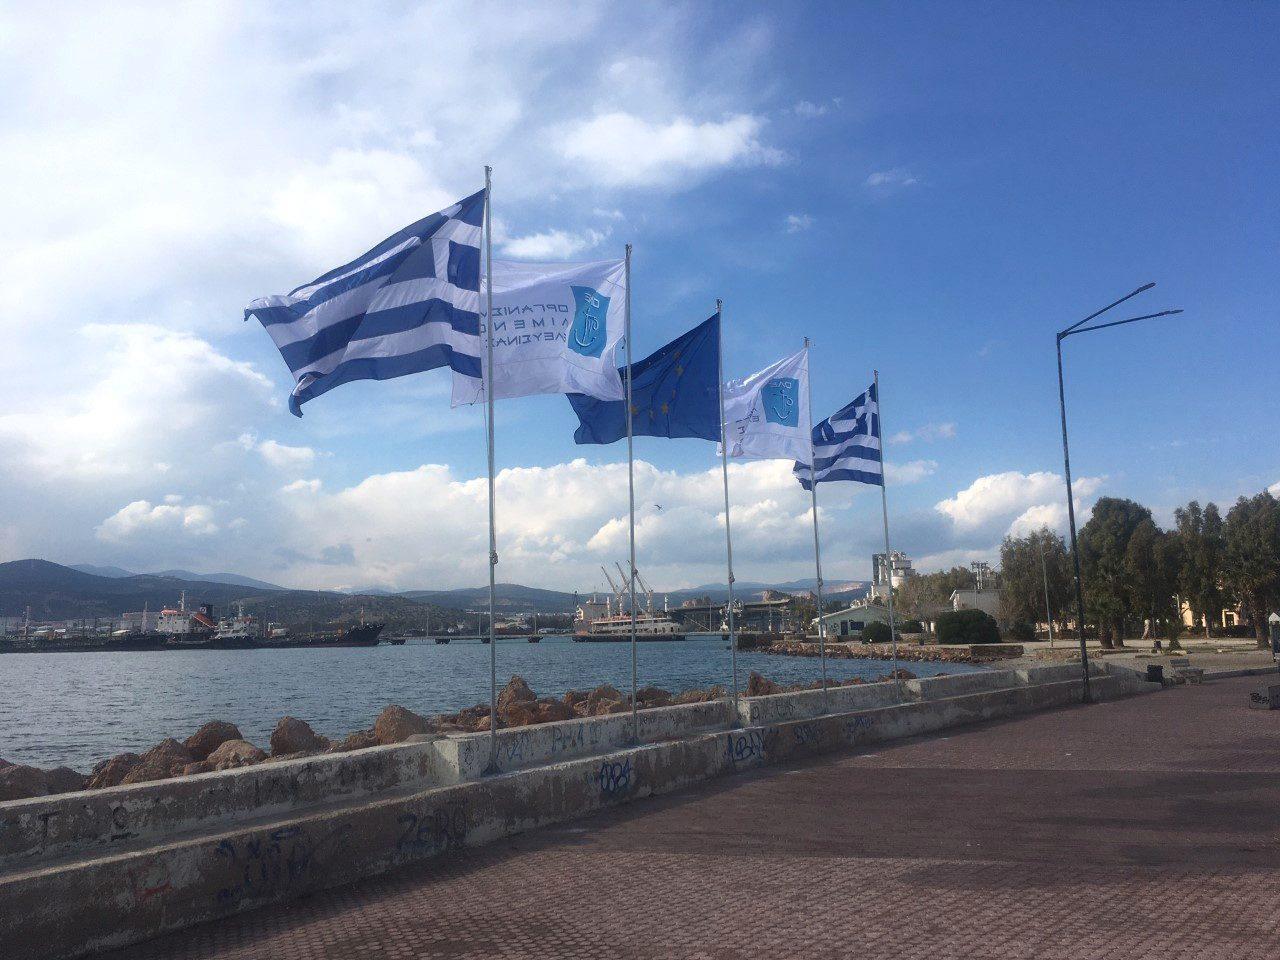 25η Μαρτίου: Ο ΟΛΕ τιμά την επέτειο των 200 χρόνων από την Ελληνική Επανάσταση 1821